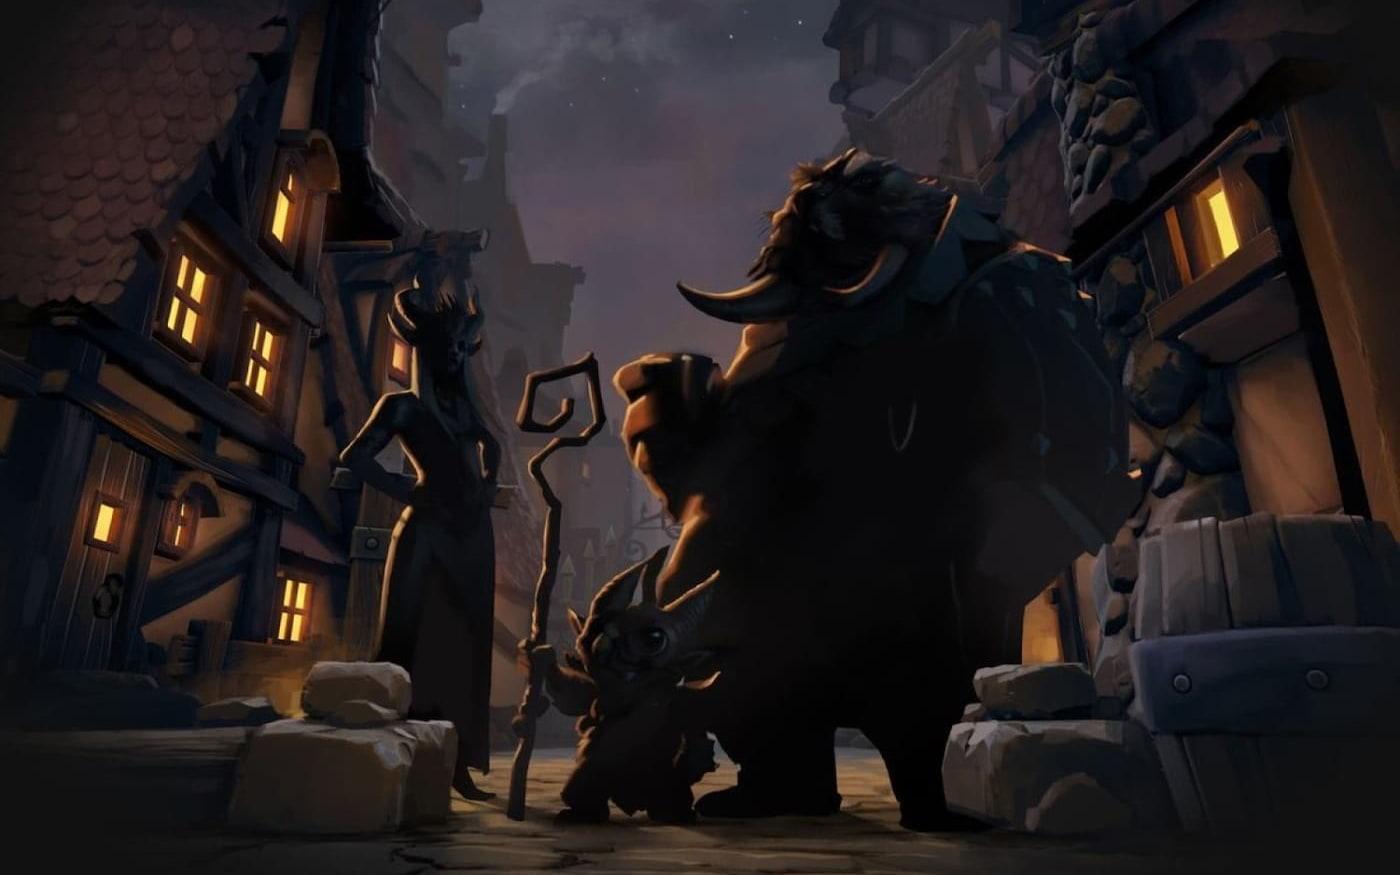 Valve anuncia Underlords, um clone autônomo de xadrez para Steam, Android e iOS